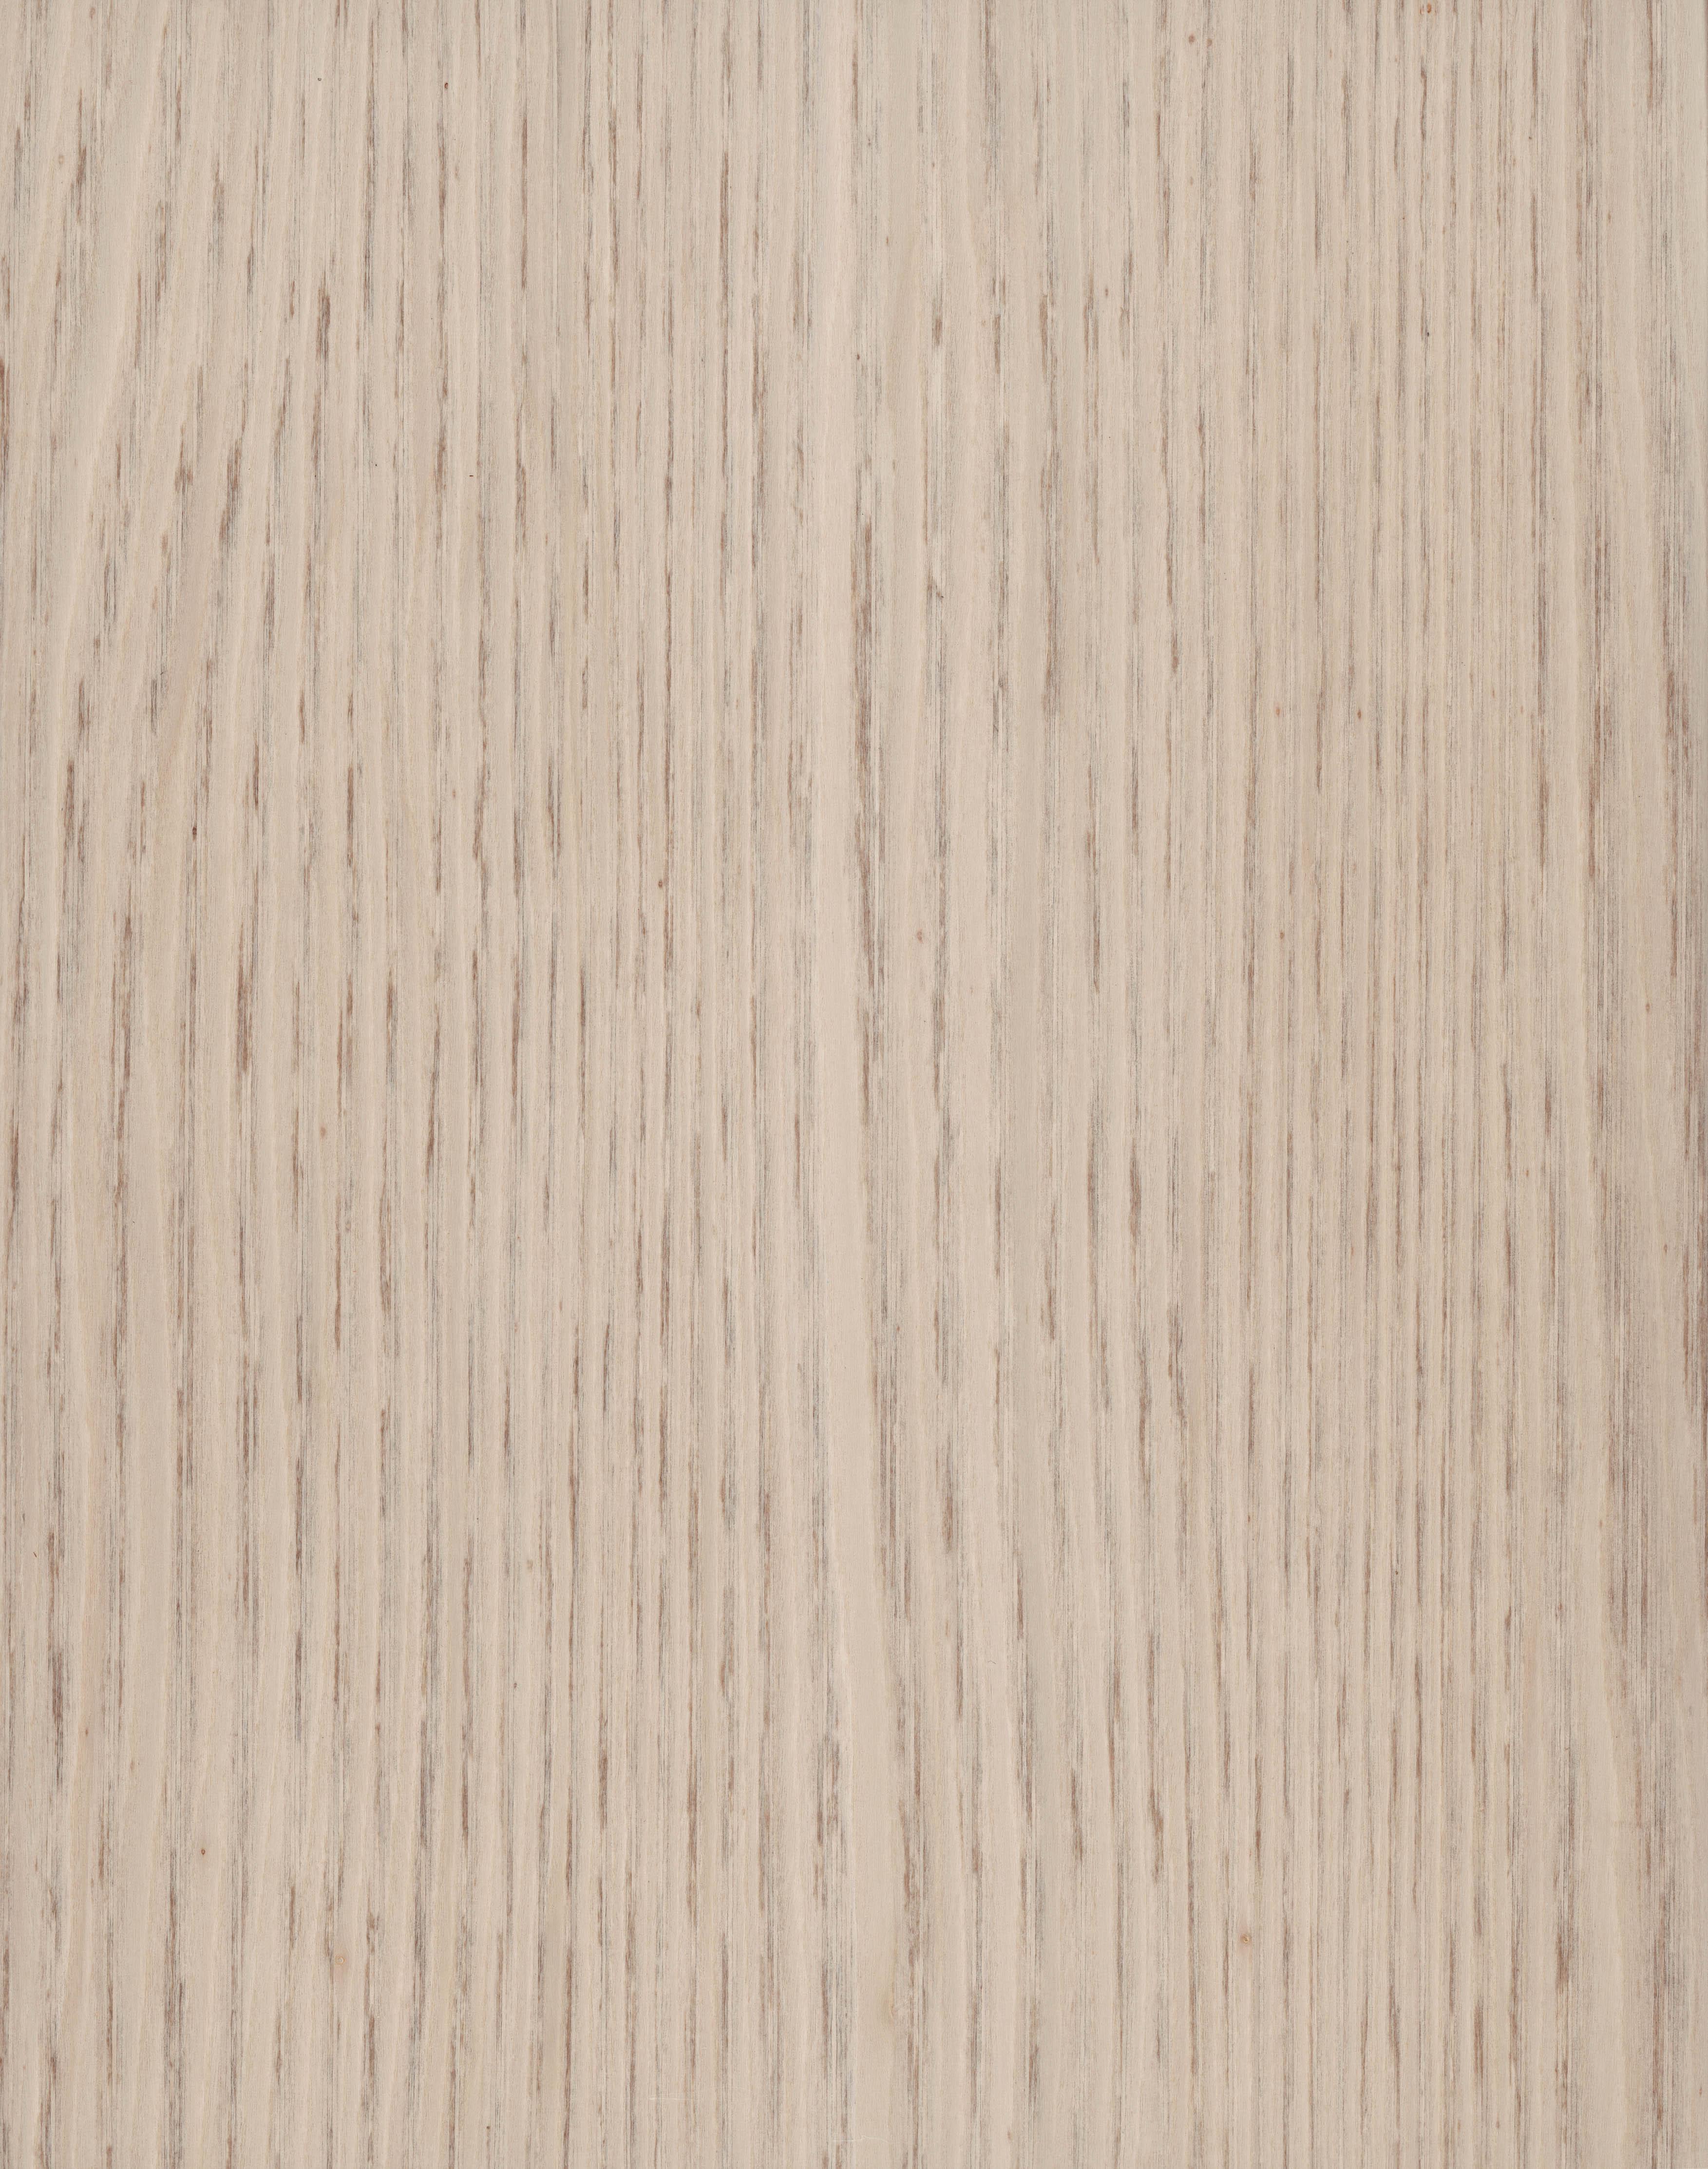 Styled-Oak